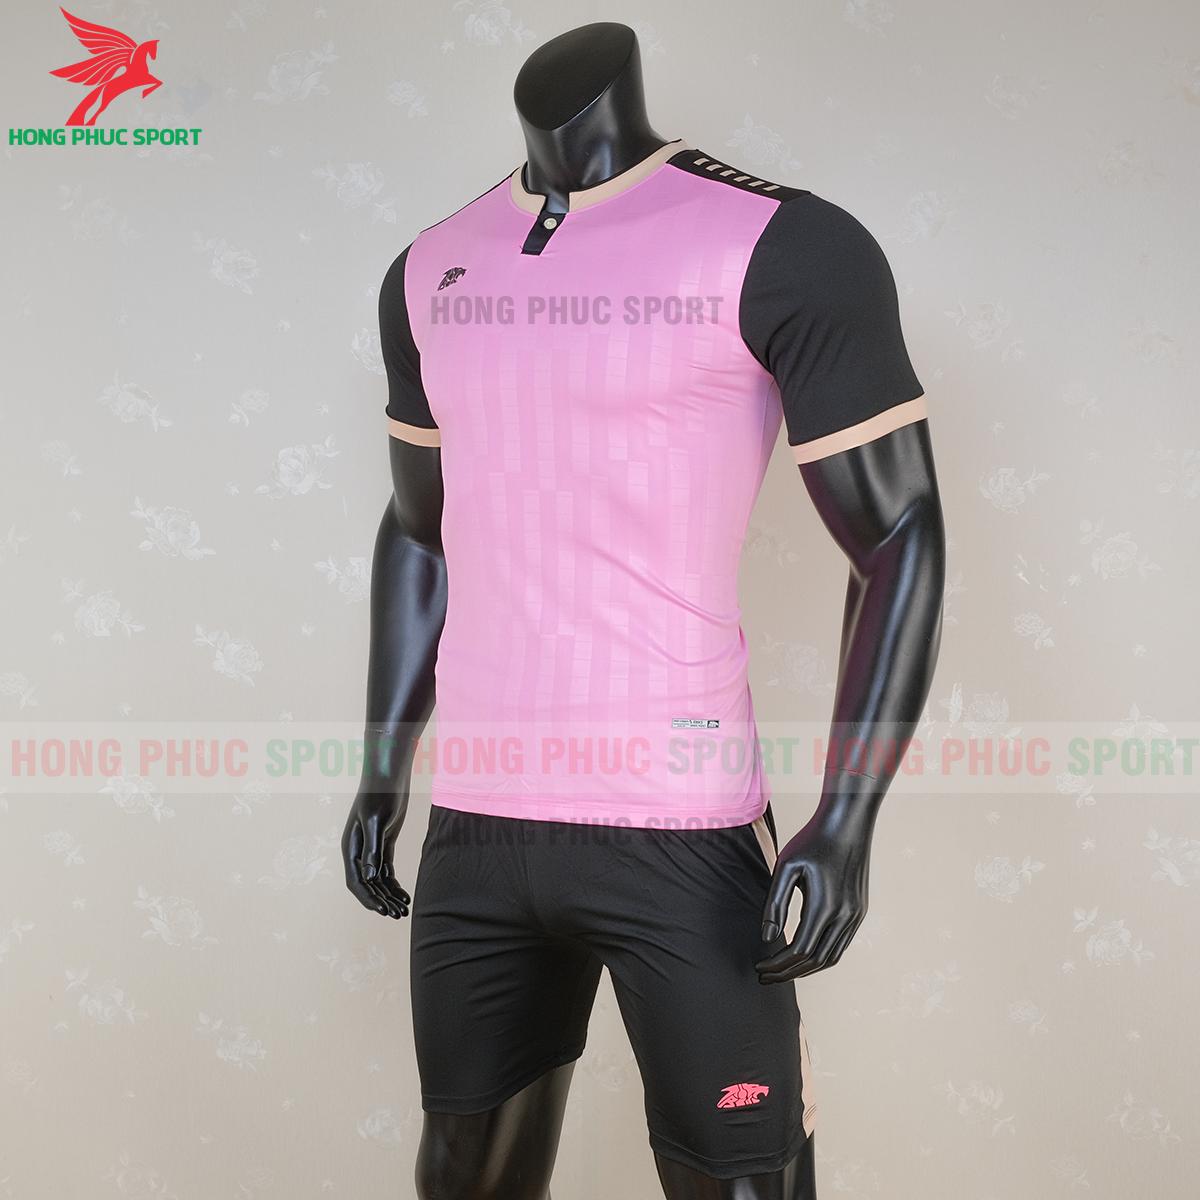 https://cdn.hongphucsport.com/unsafe/s4.shopbay.vn/files/285/ao-bong-da-khong-logo-riki-neck-mau-hong-3-5f71a0ff45856.png